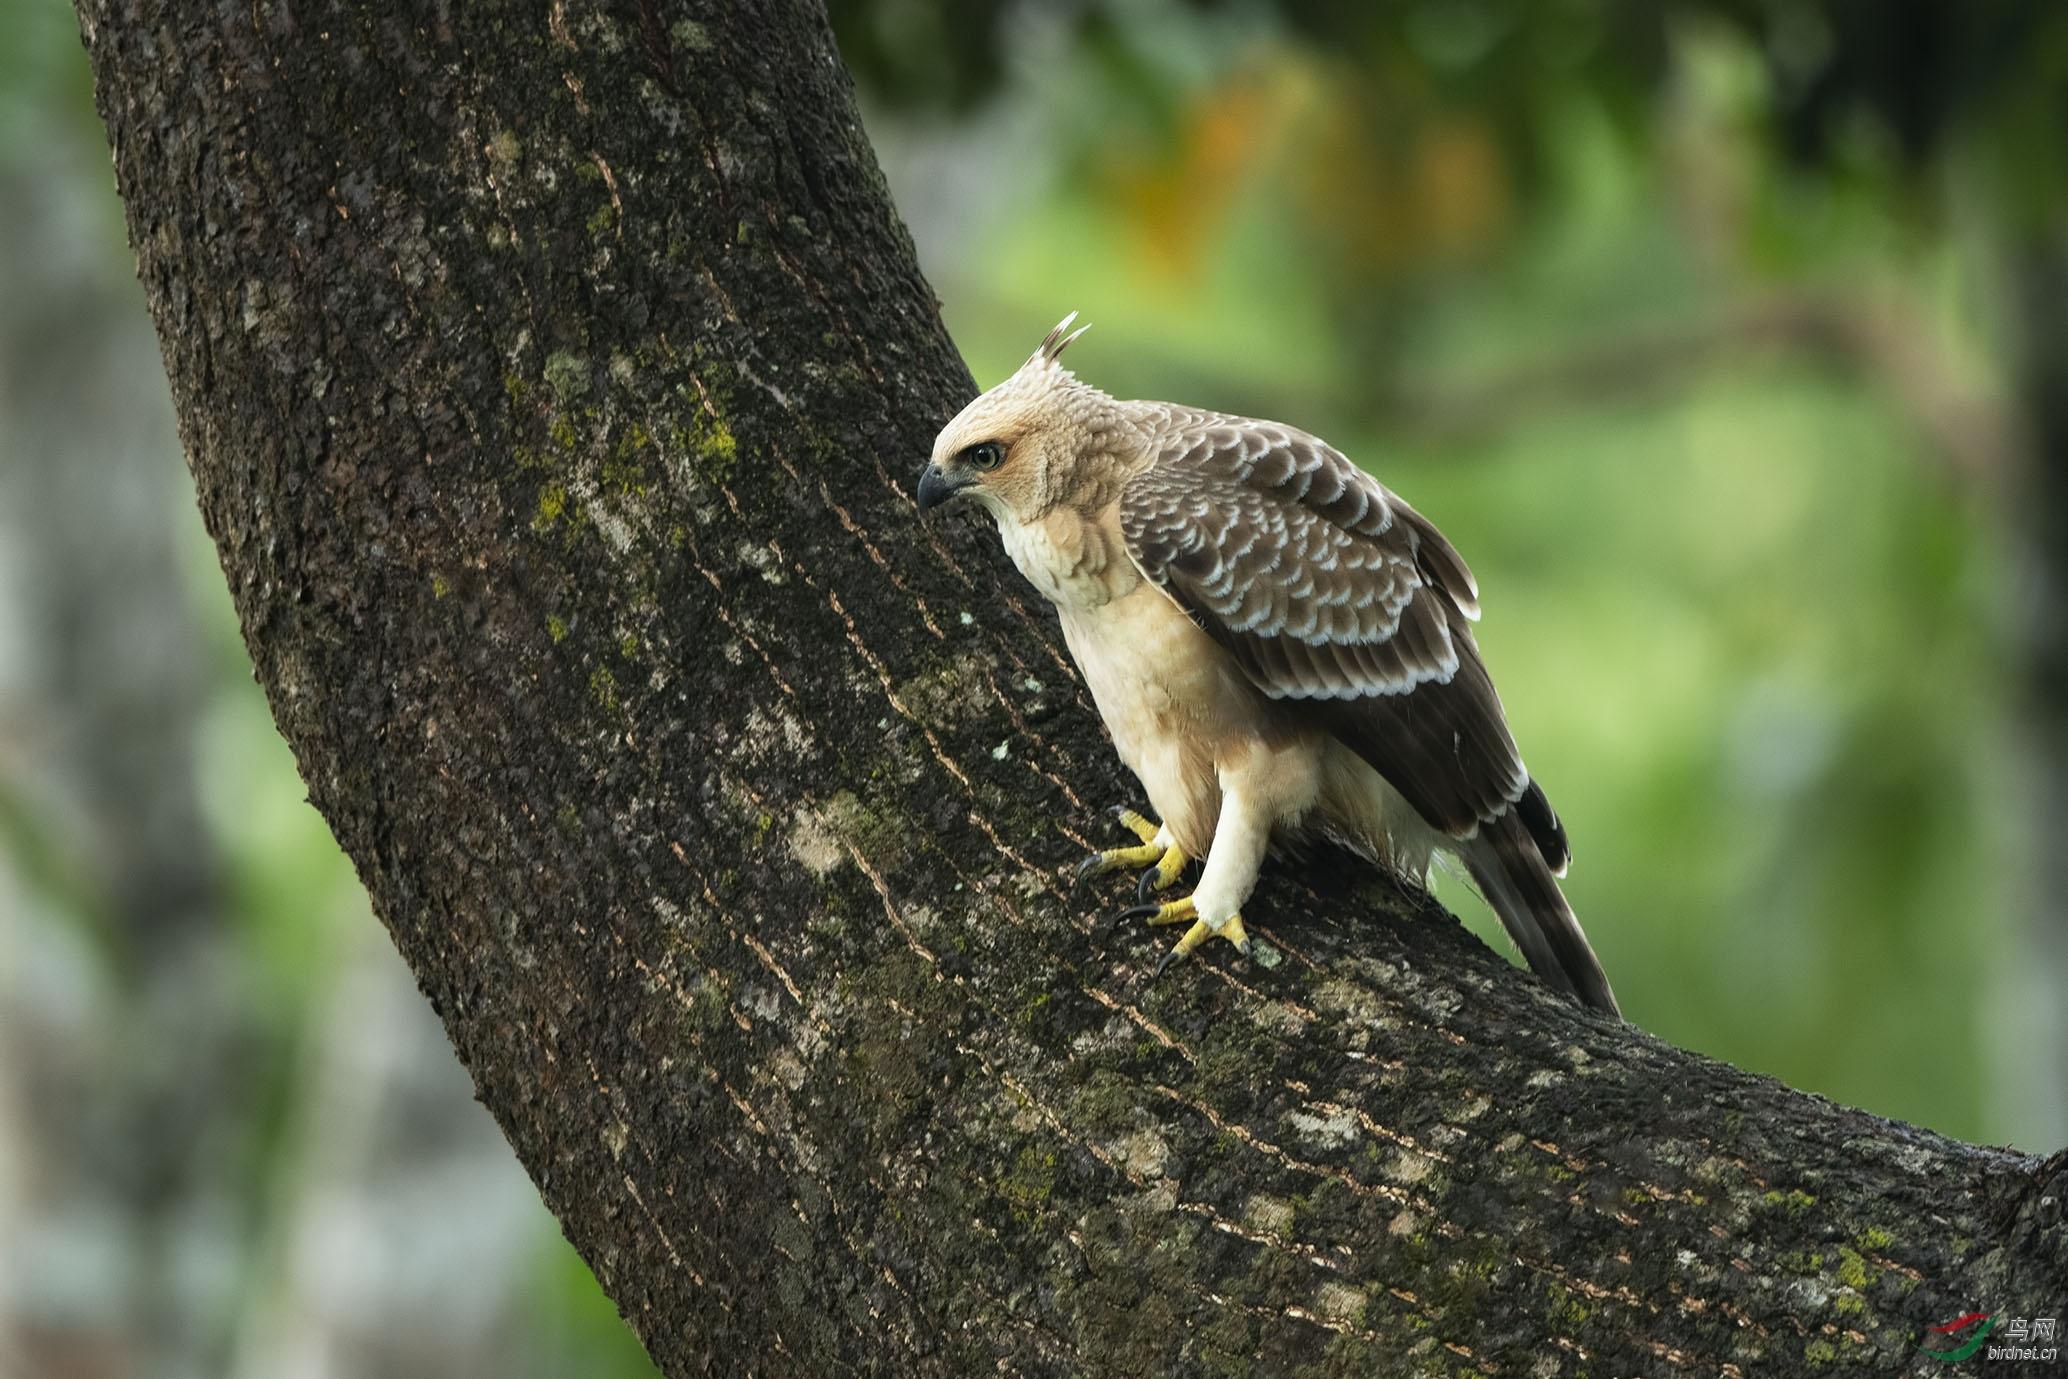 Sabah birds jpg_011.jpg